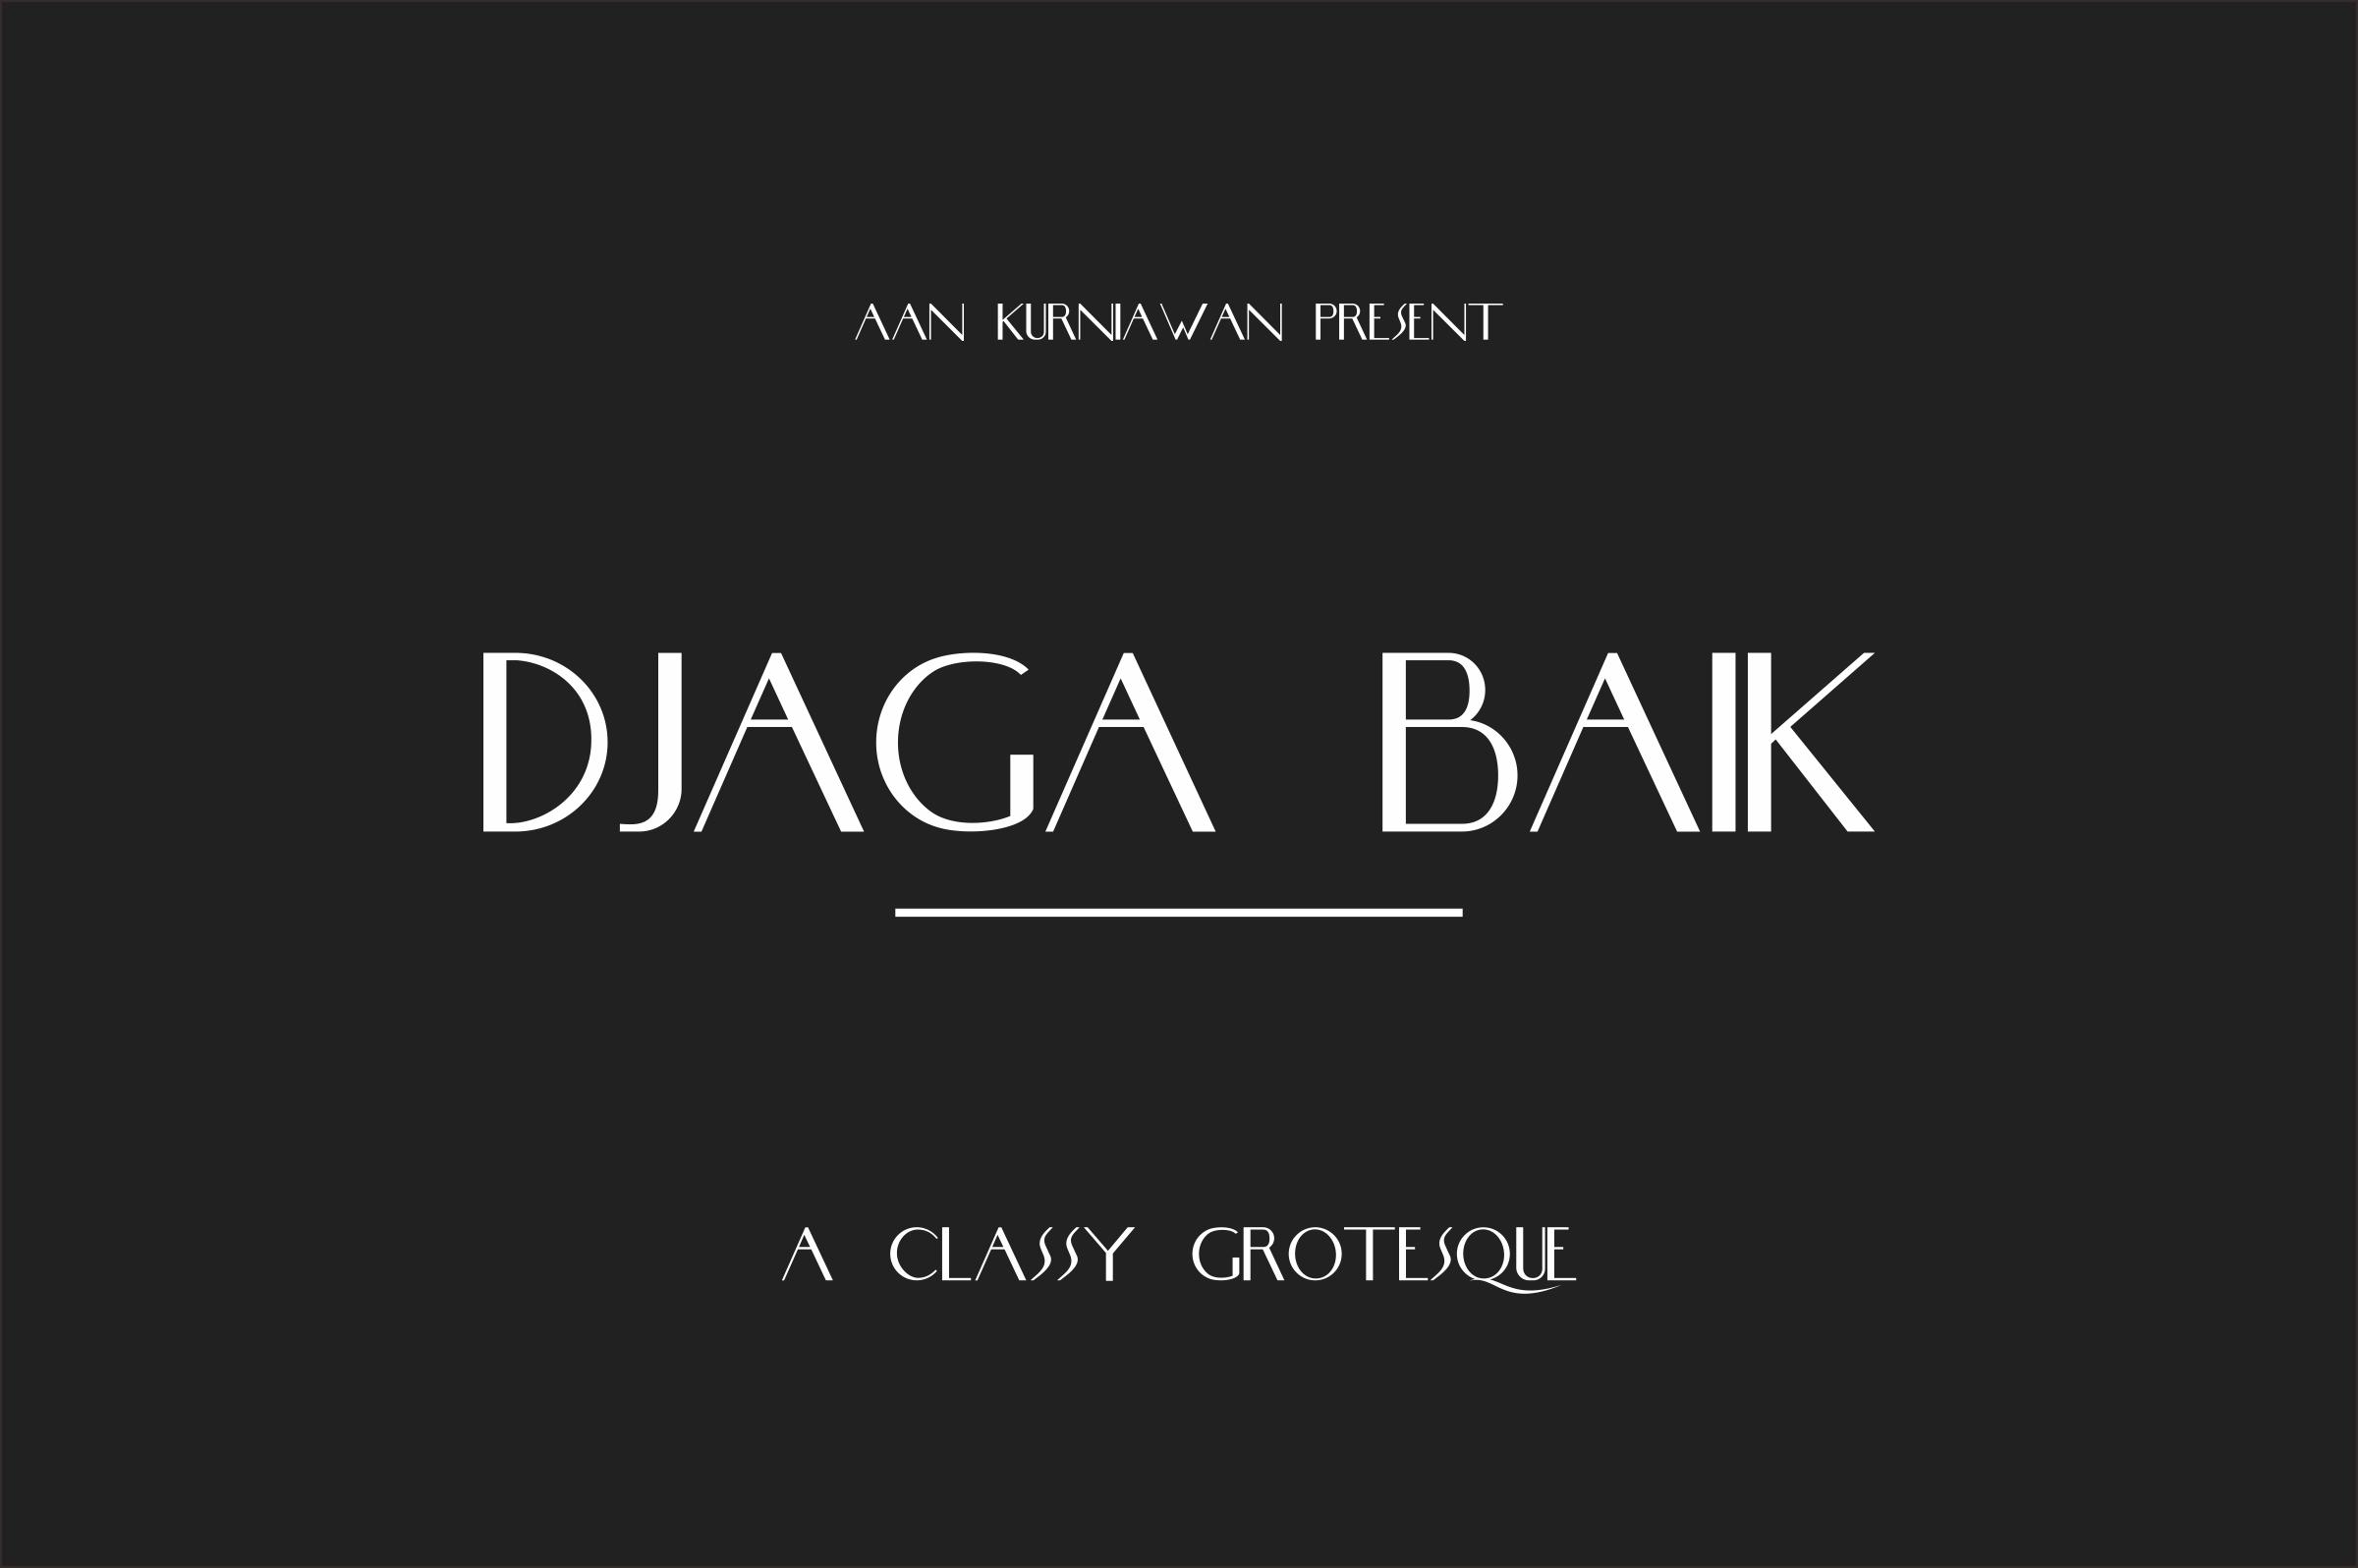 DJaga Baik (A classy Grotesque Sans) example image 1